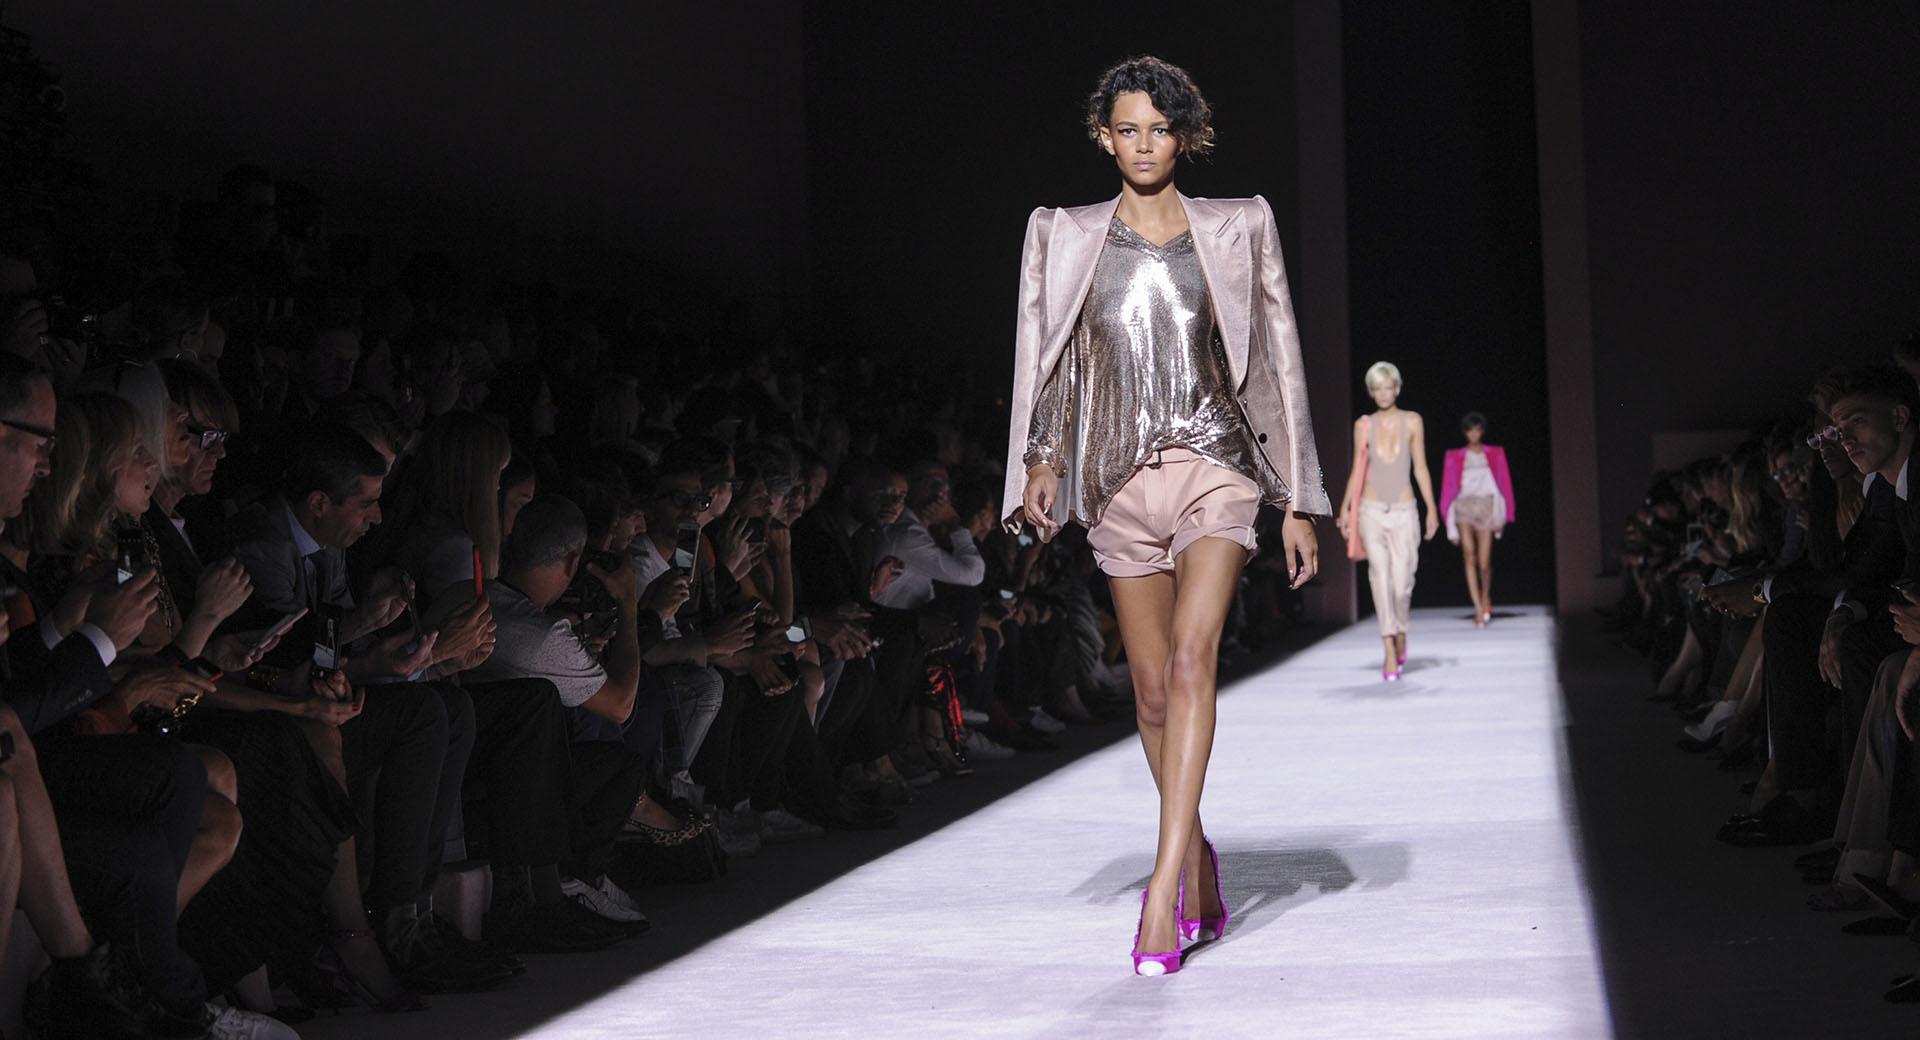 Más metalizados. Blusa en paillettes en plateado combinando con blazer de hombreras en peltre (AP Photo/Diane Bondareff)